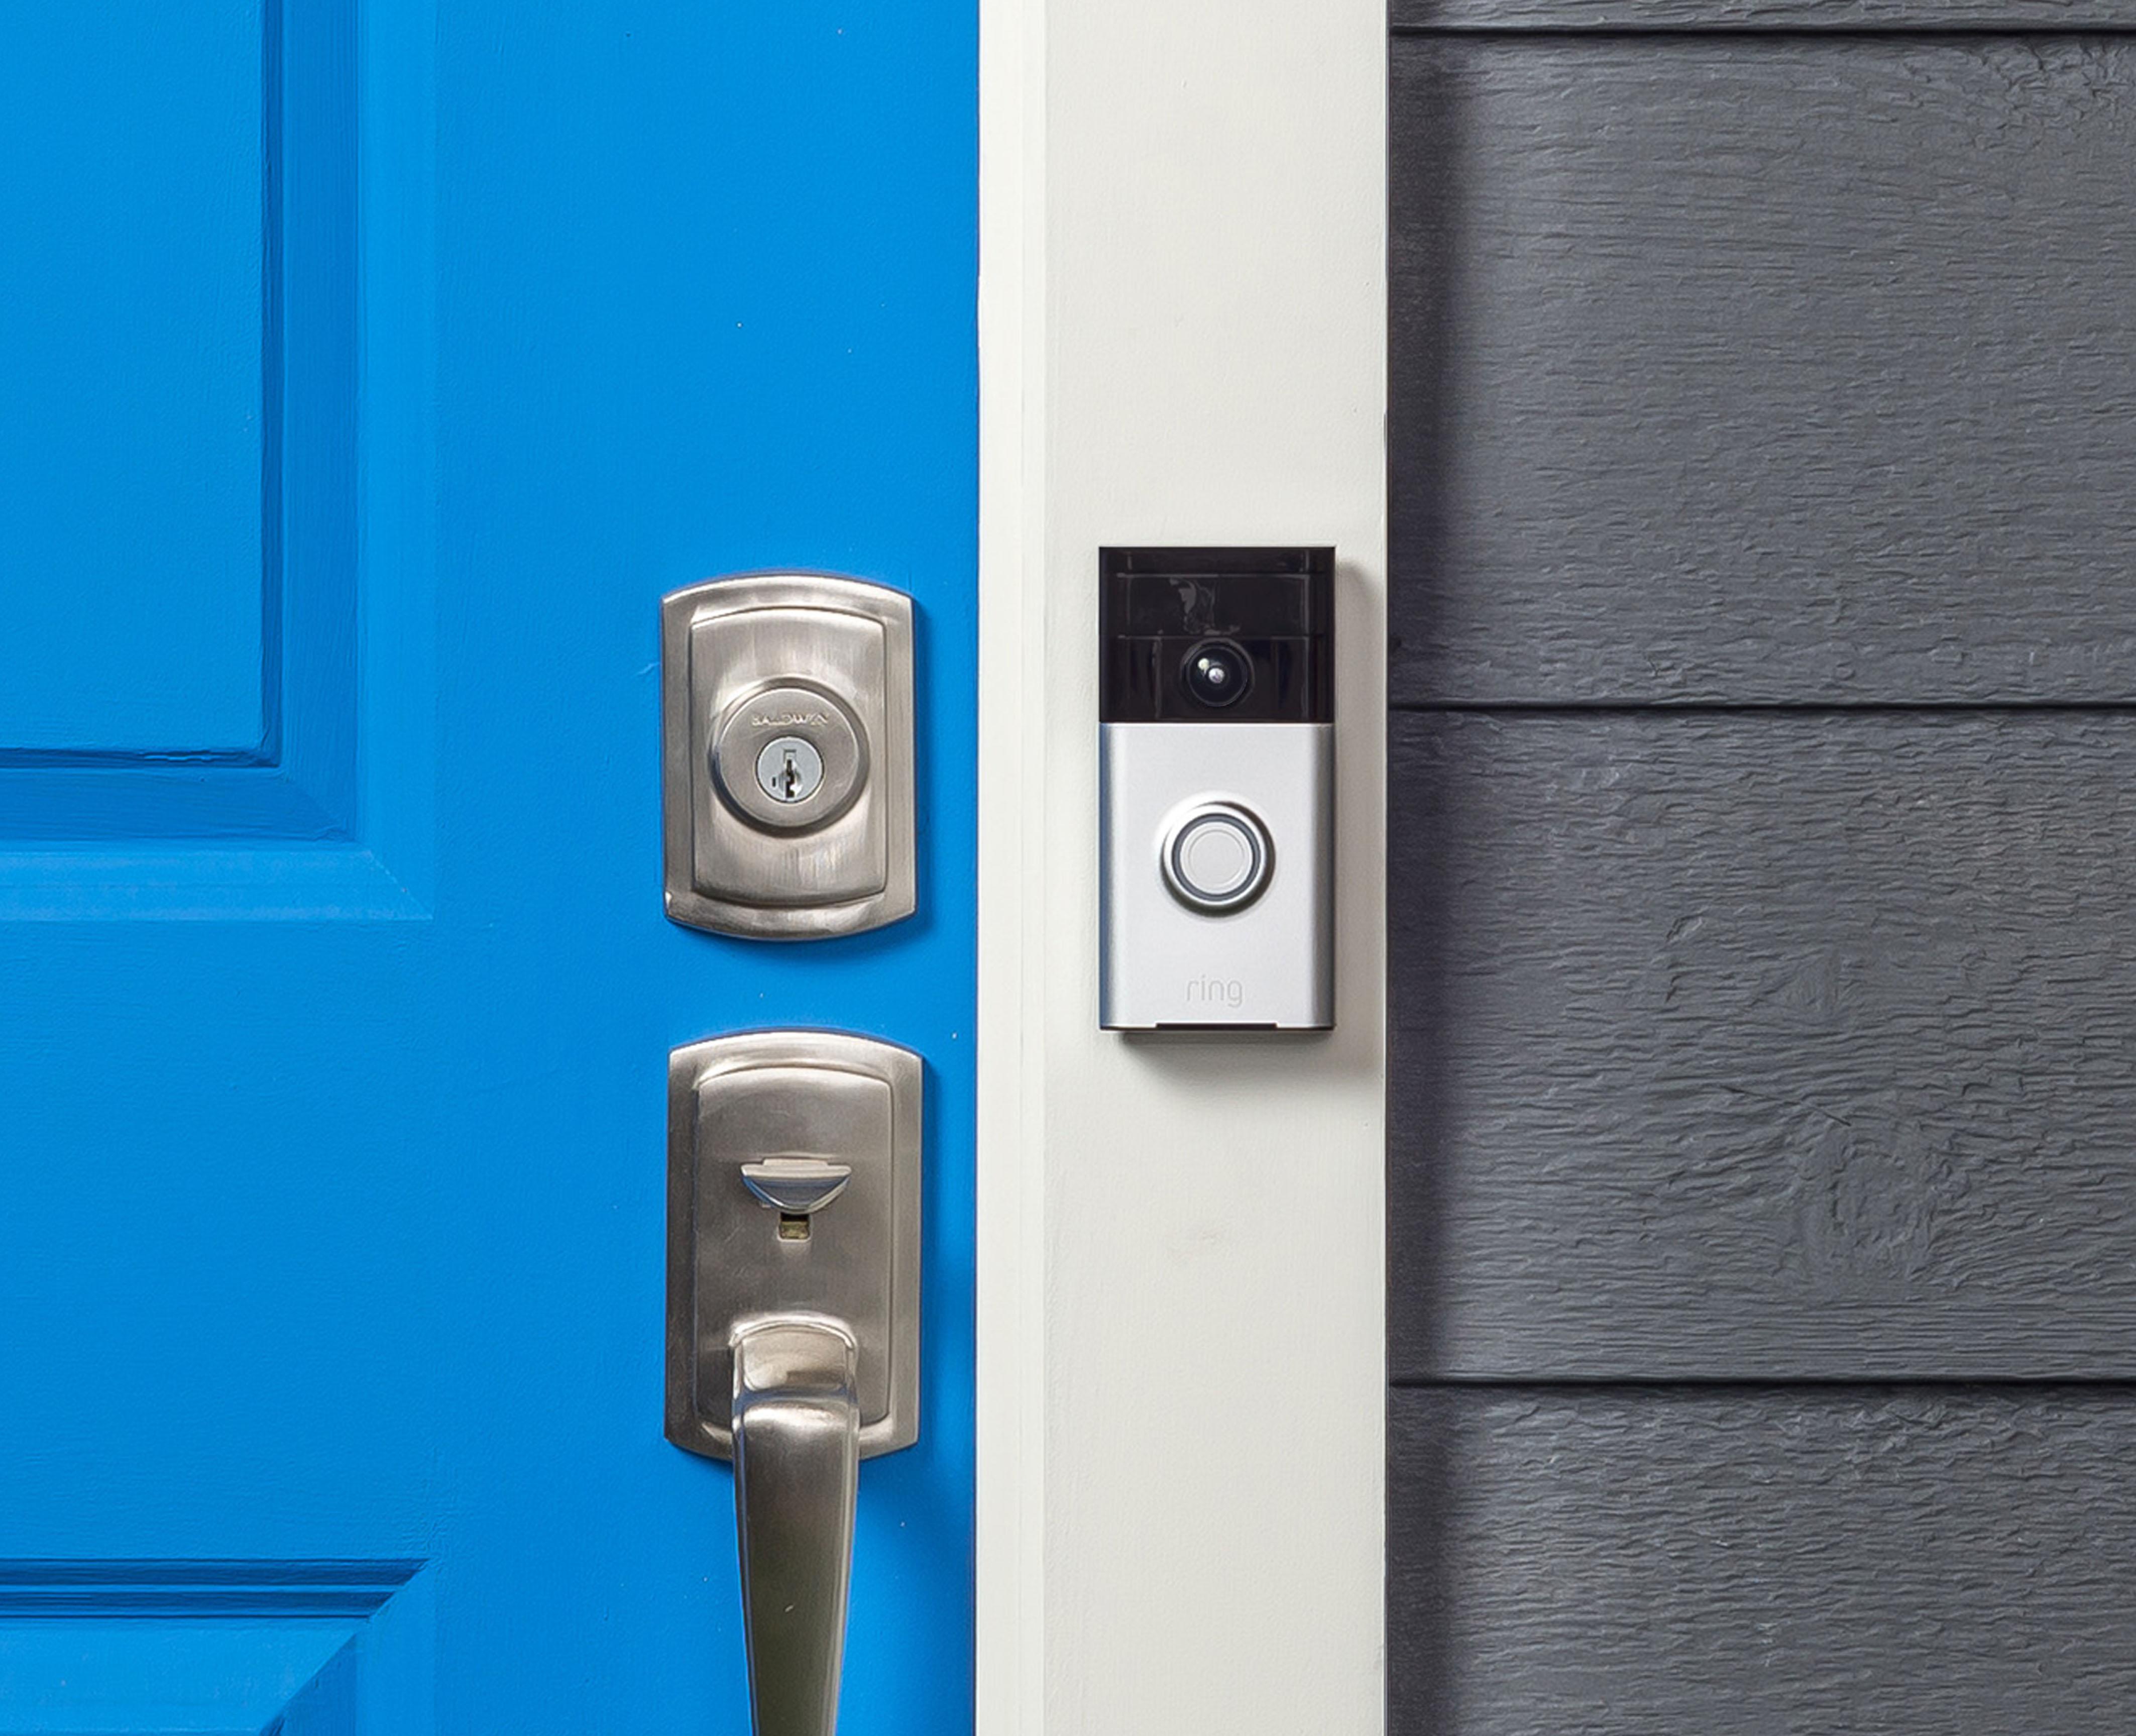 Video Doorbell Repair: How To Fix a Broken Video Doorbell